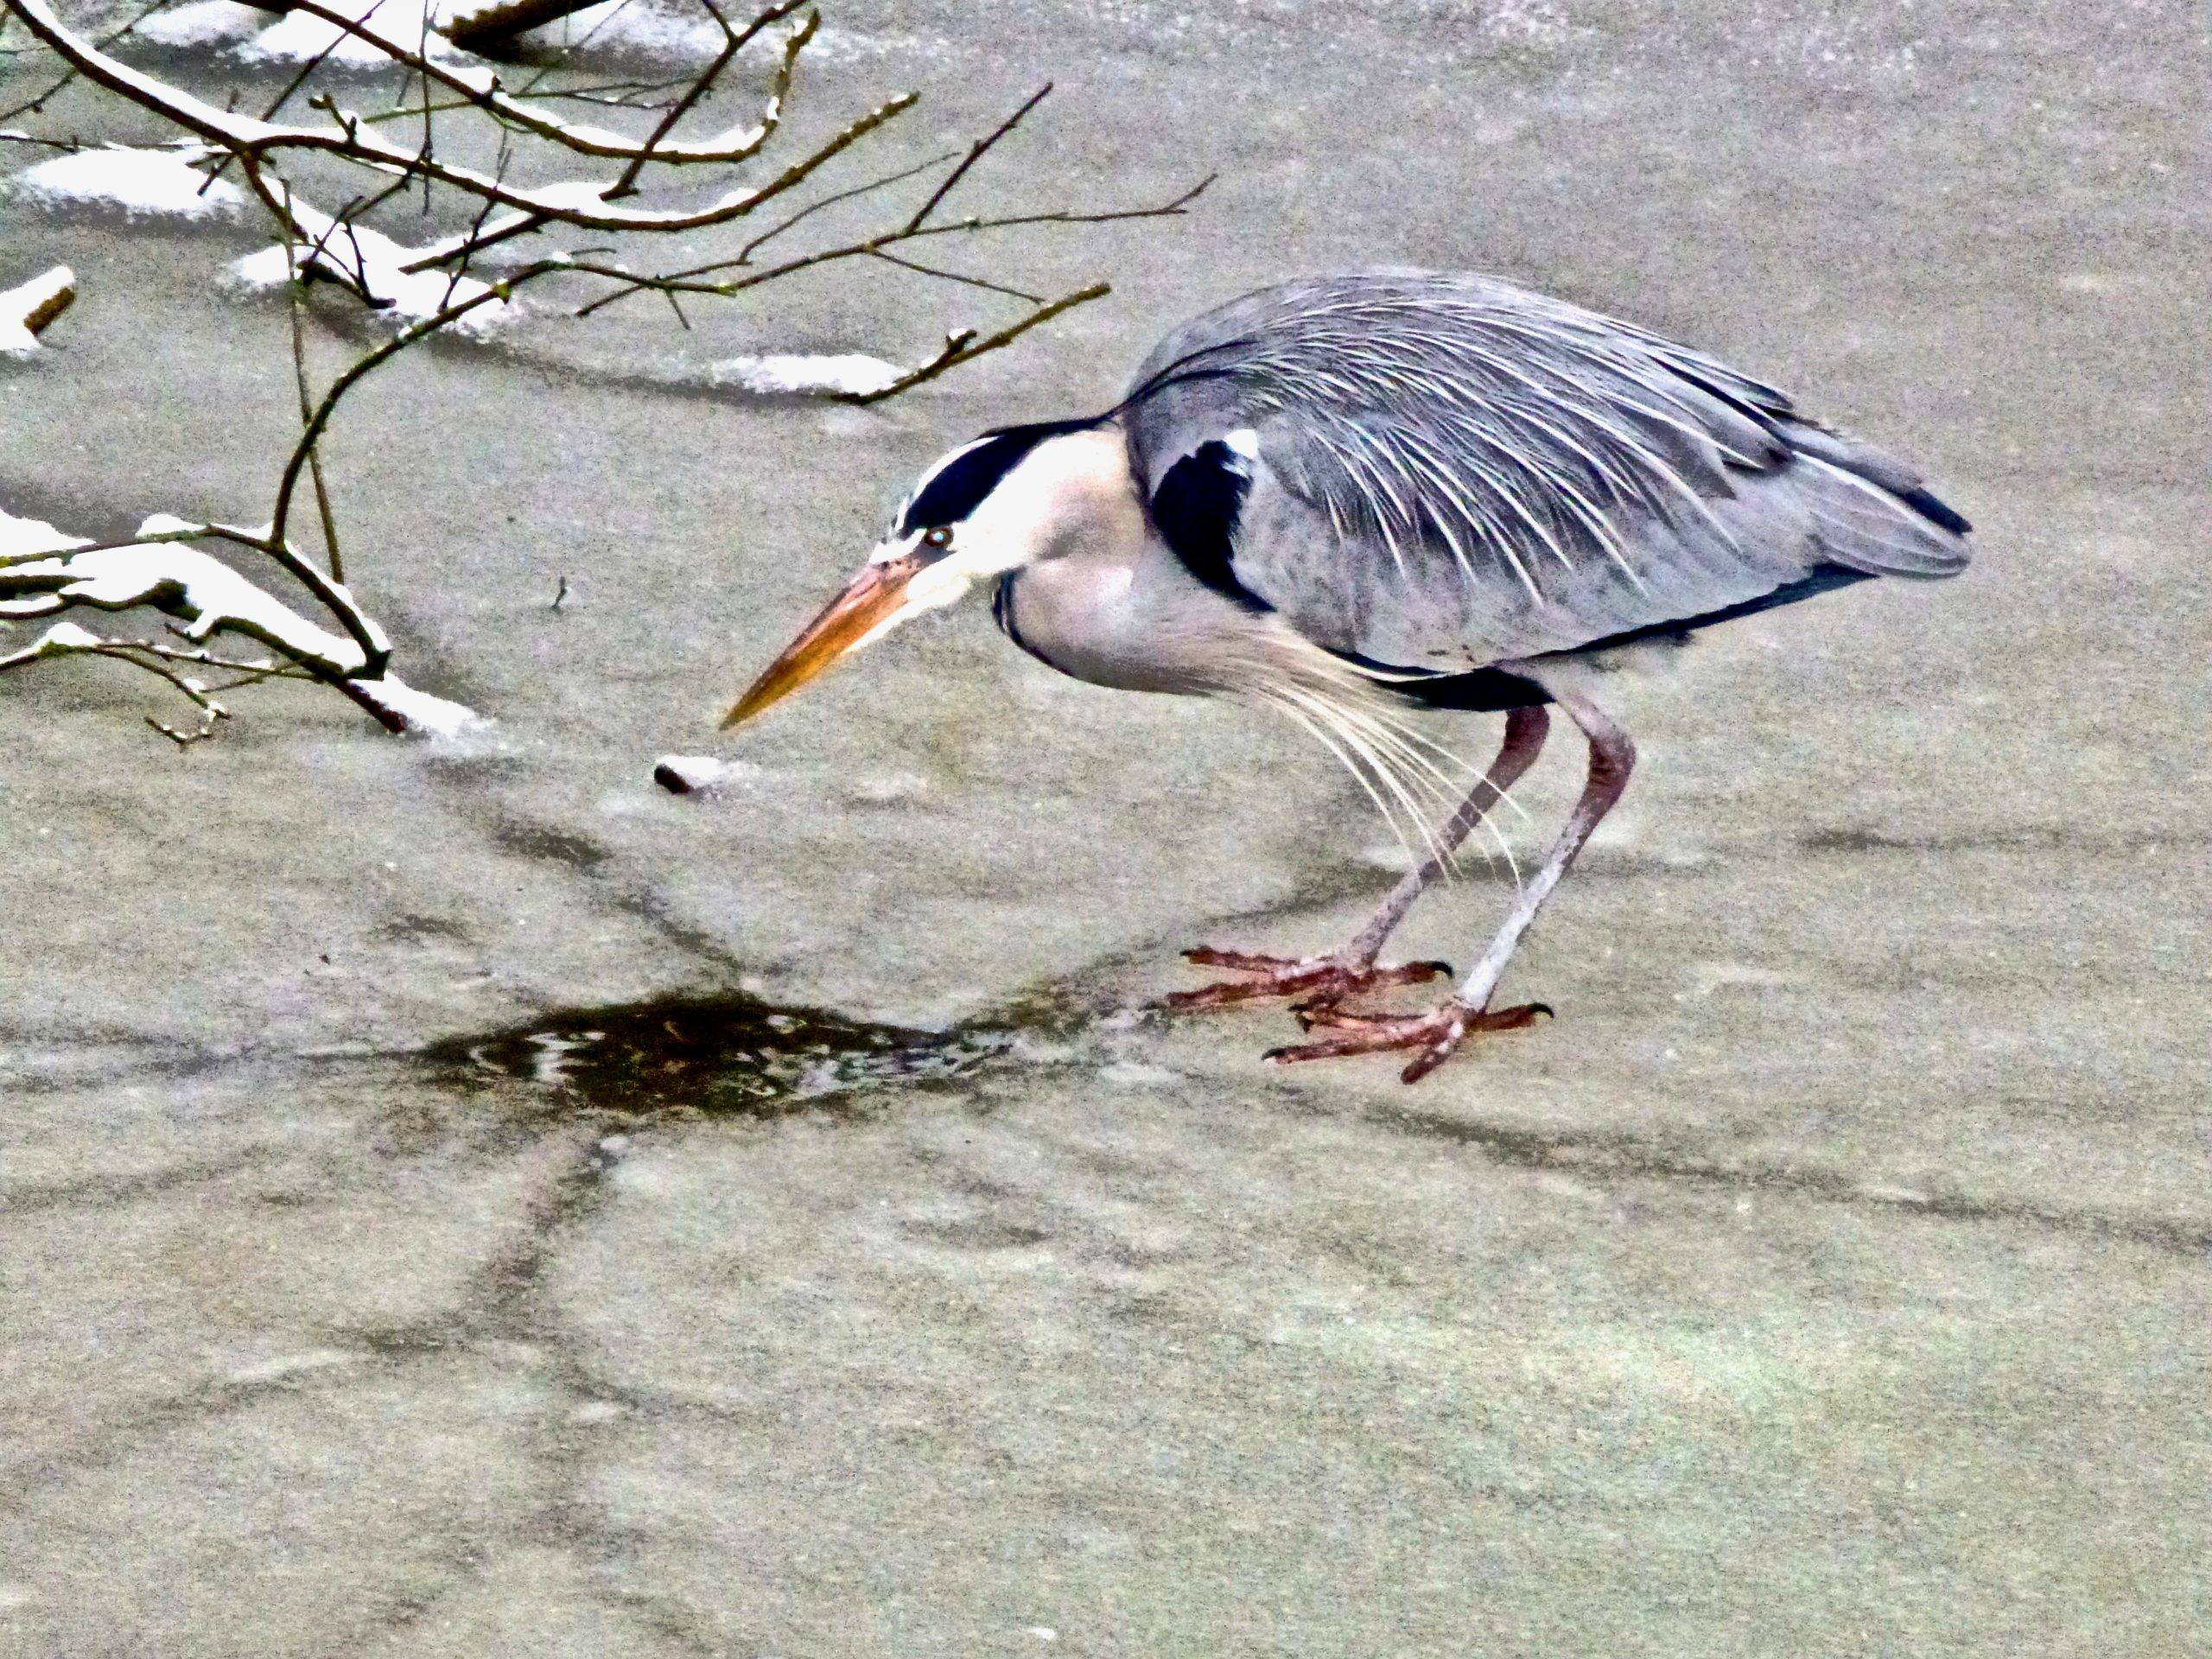 Een reiger wacht geduldig op een hapje bij het laatste wak. Watervogels en dieren hadden het zwaar.